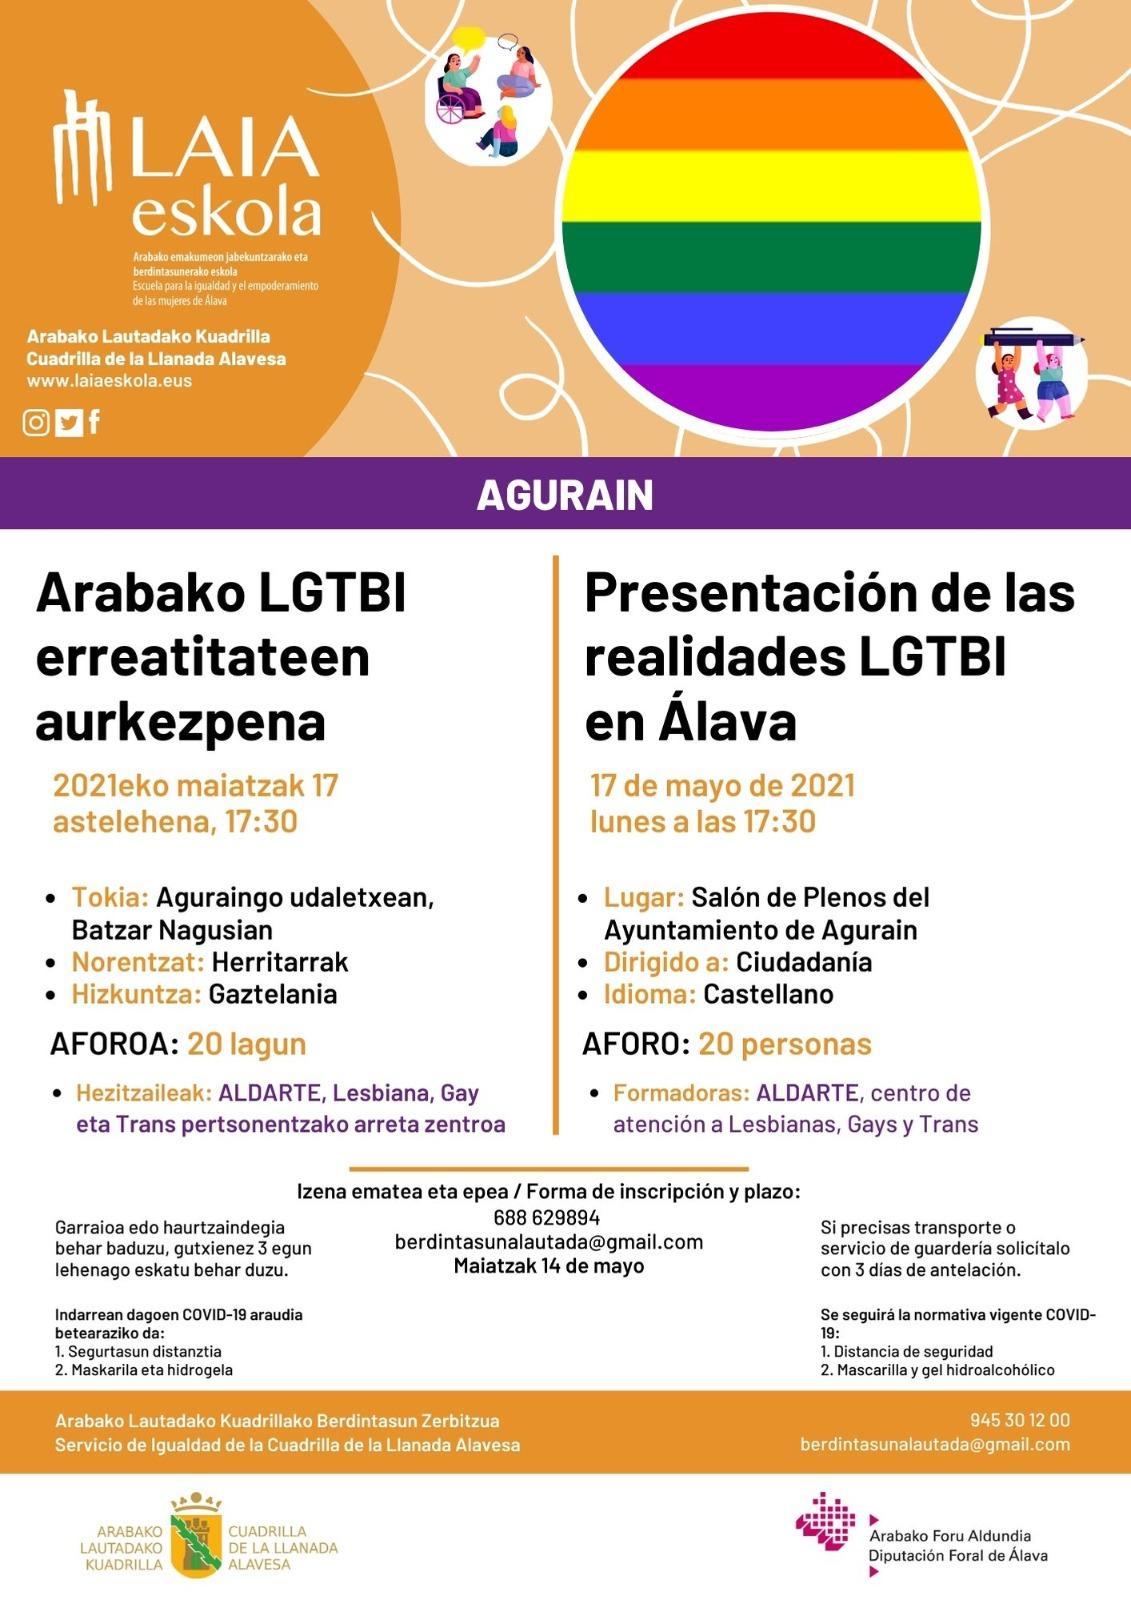 Presentacion de las realidades LGTBI en Alava